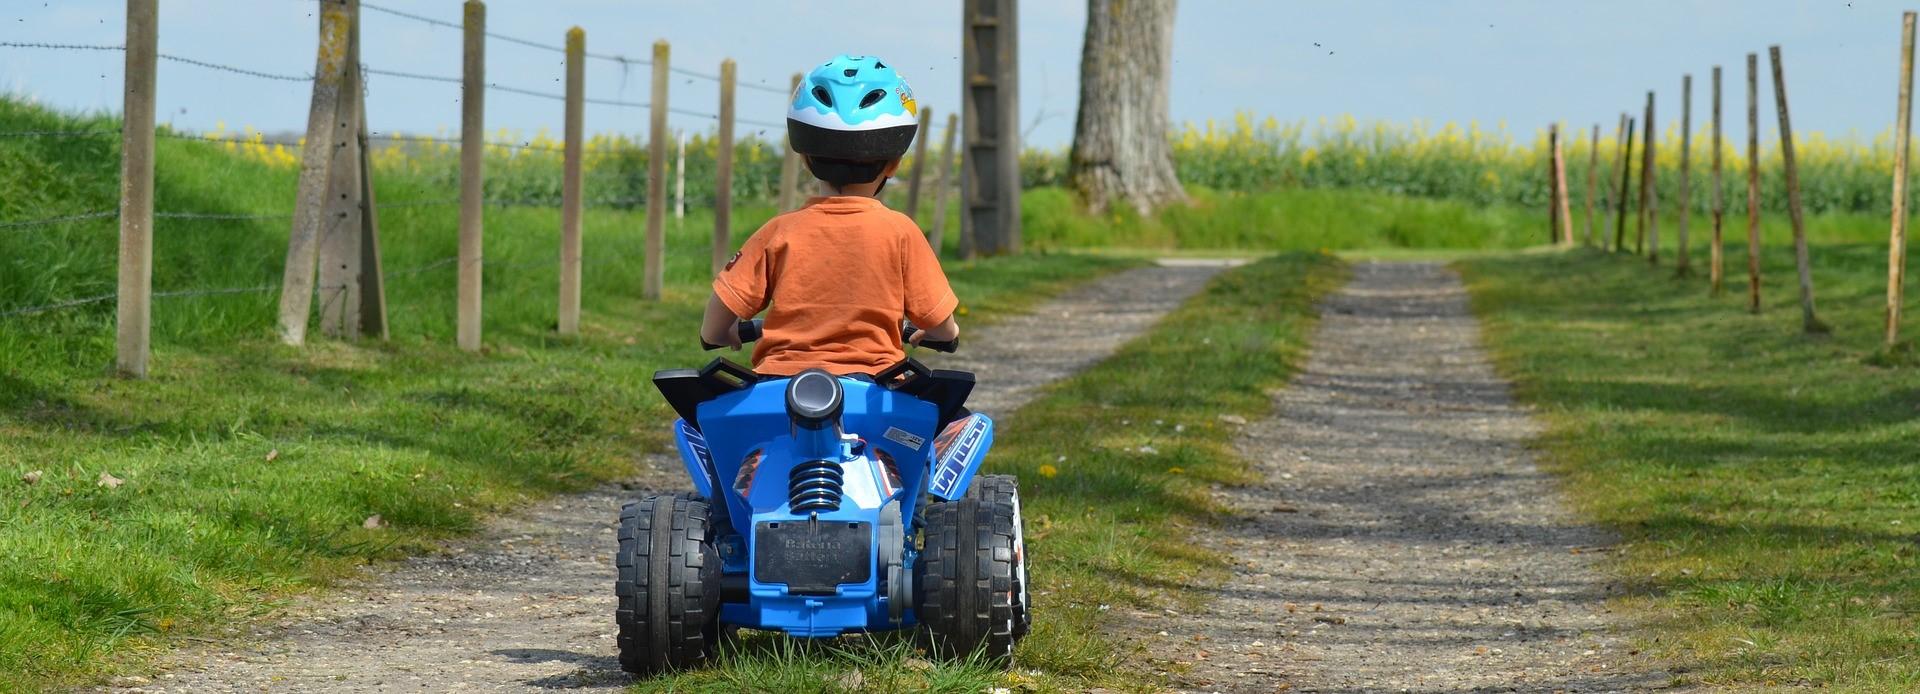 child on a quad bike